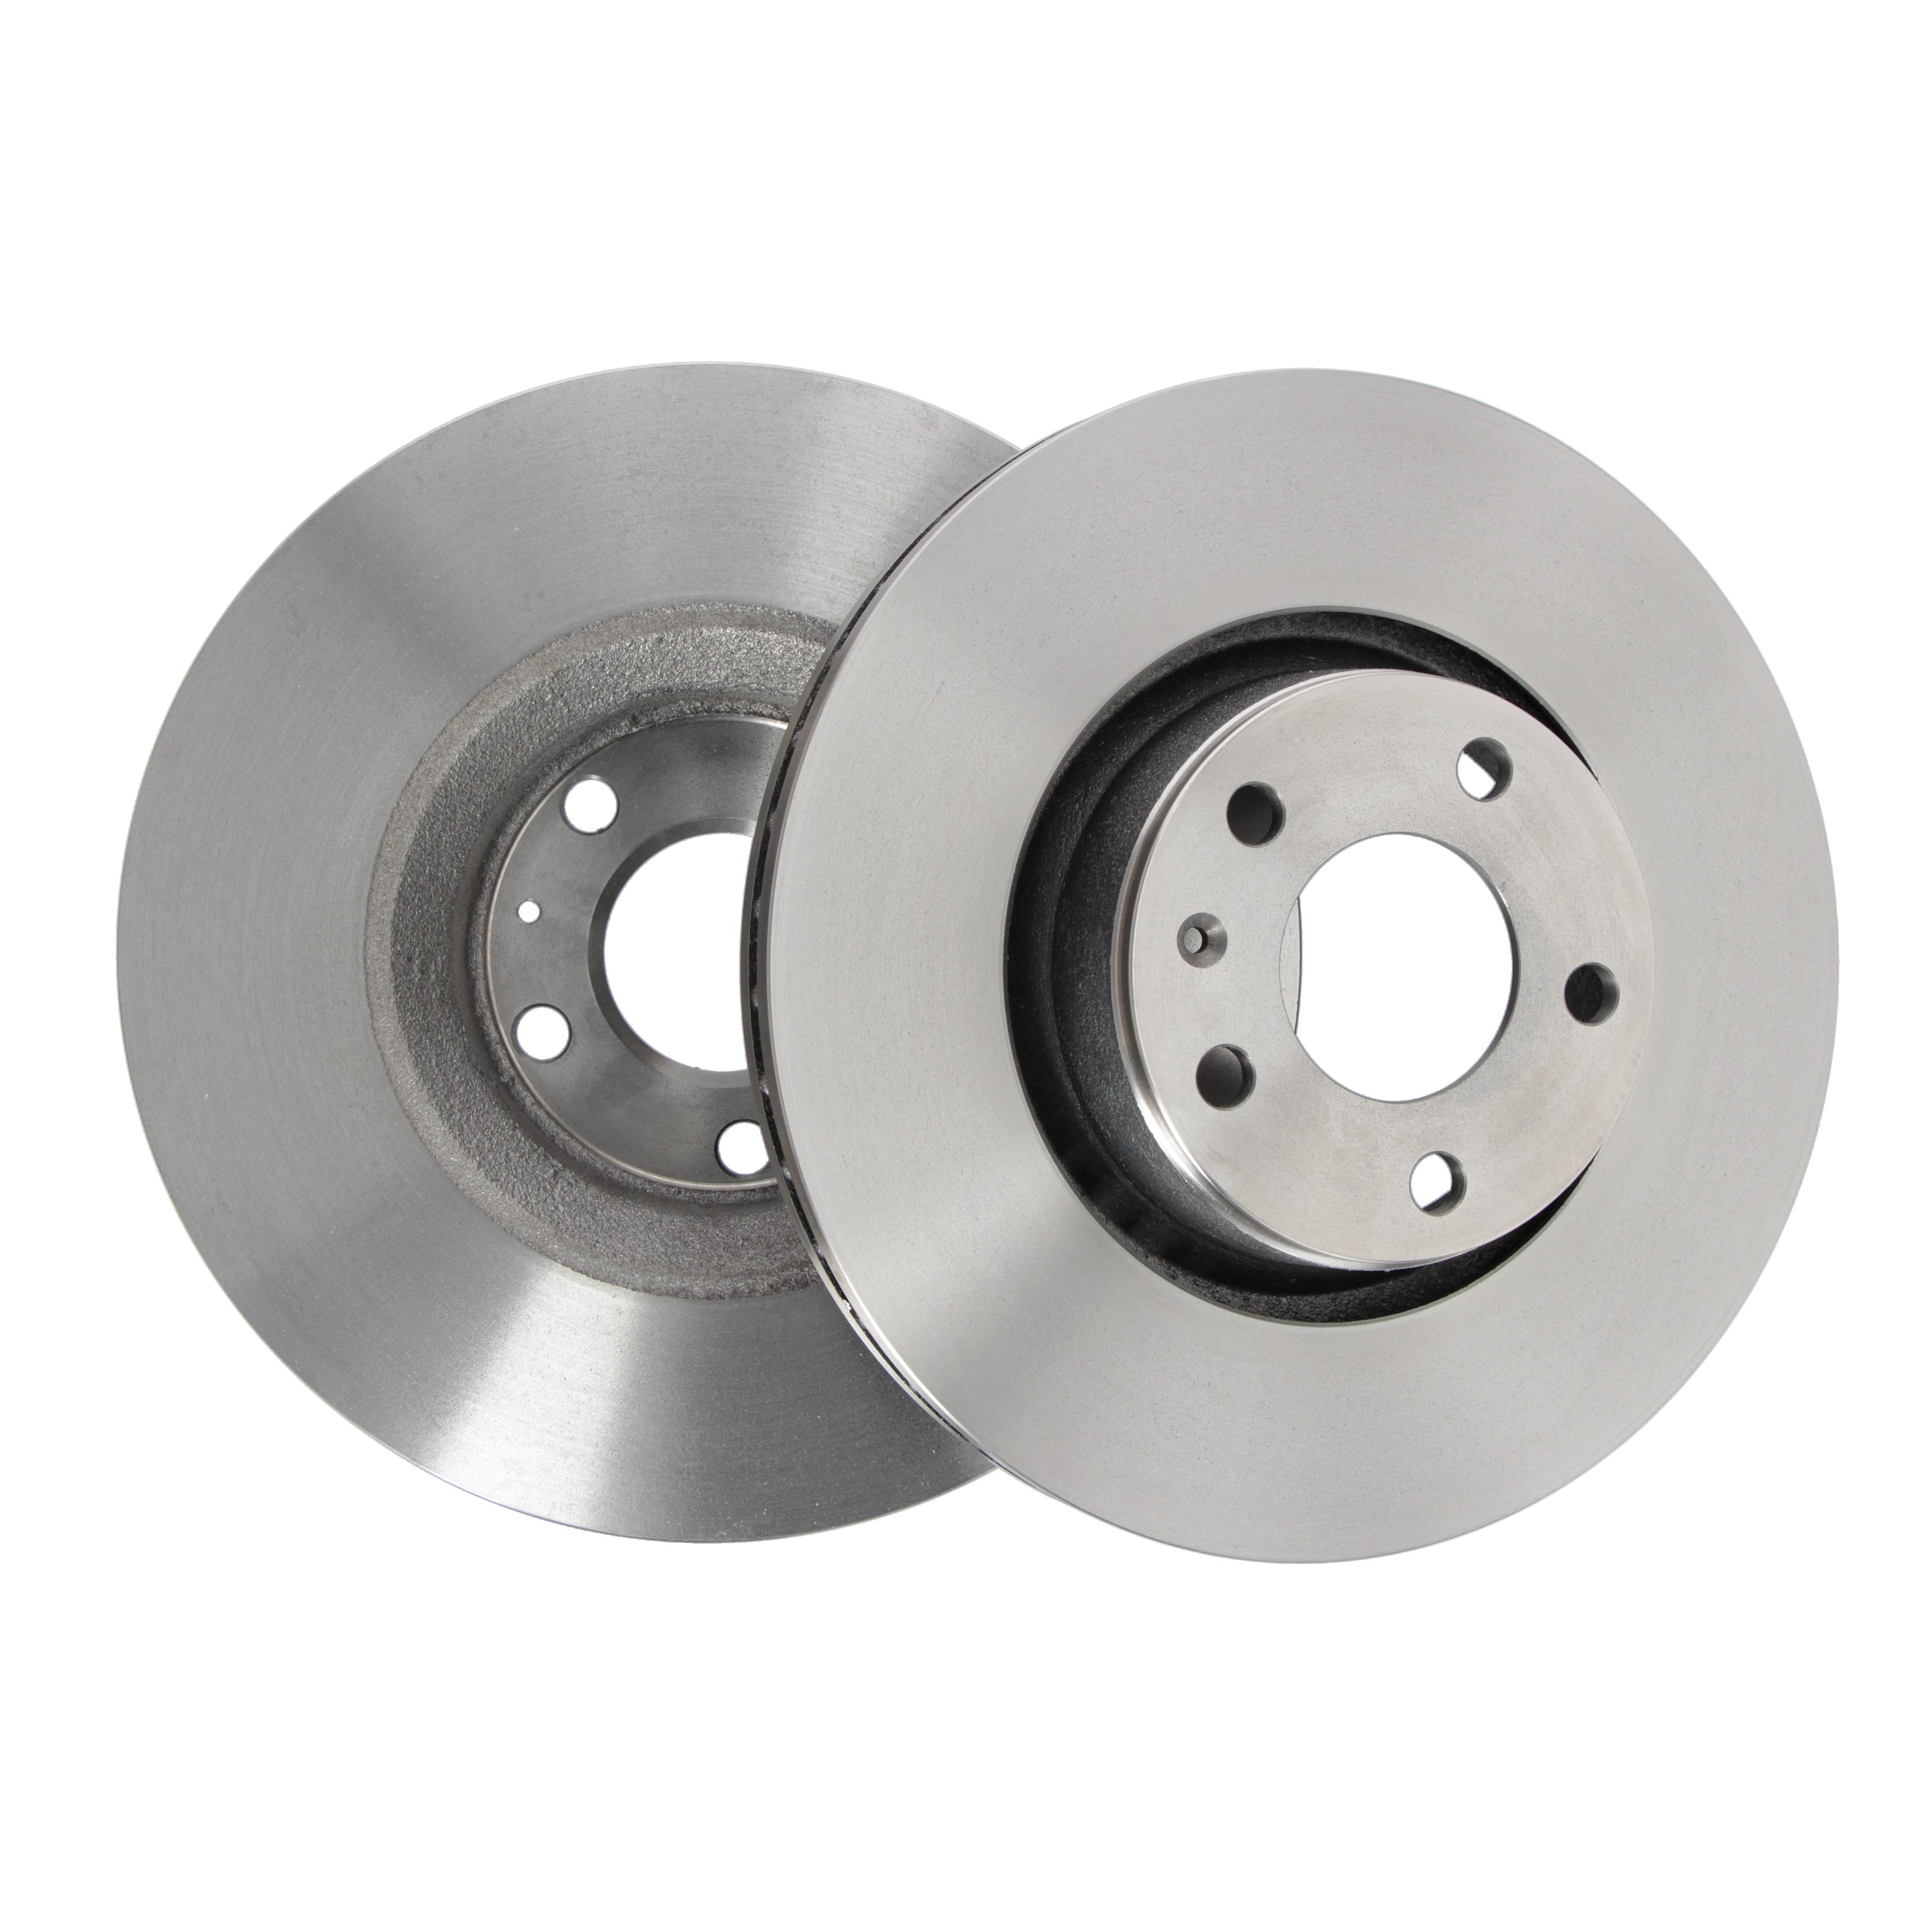 für Ford Brembo2 Bremsscheiben Belüftet 276 mm Bremsbeläge Vorne u.a